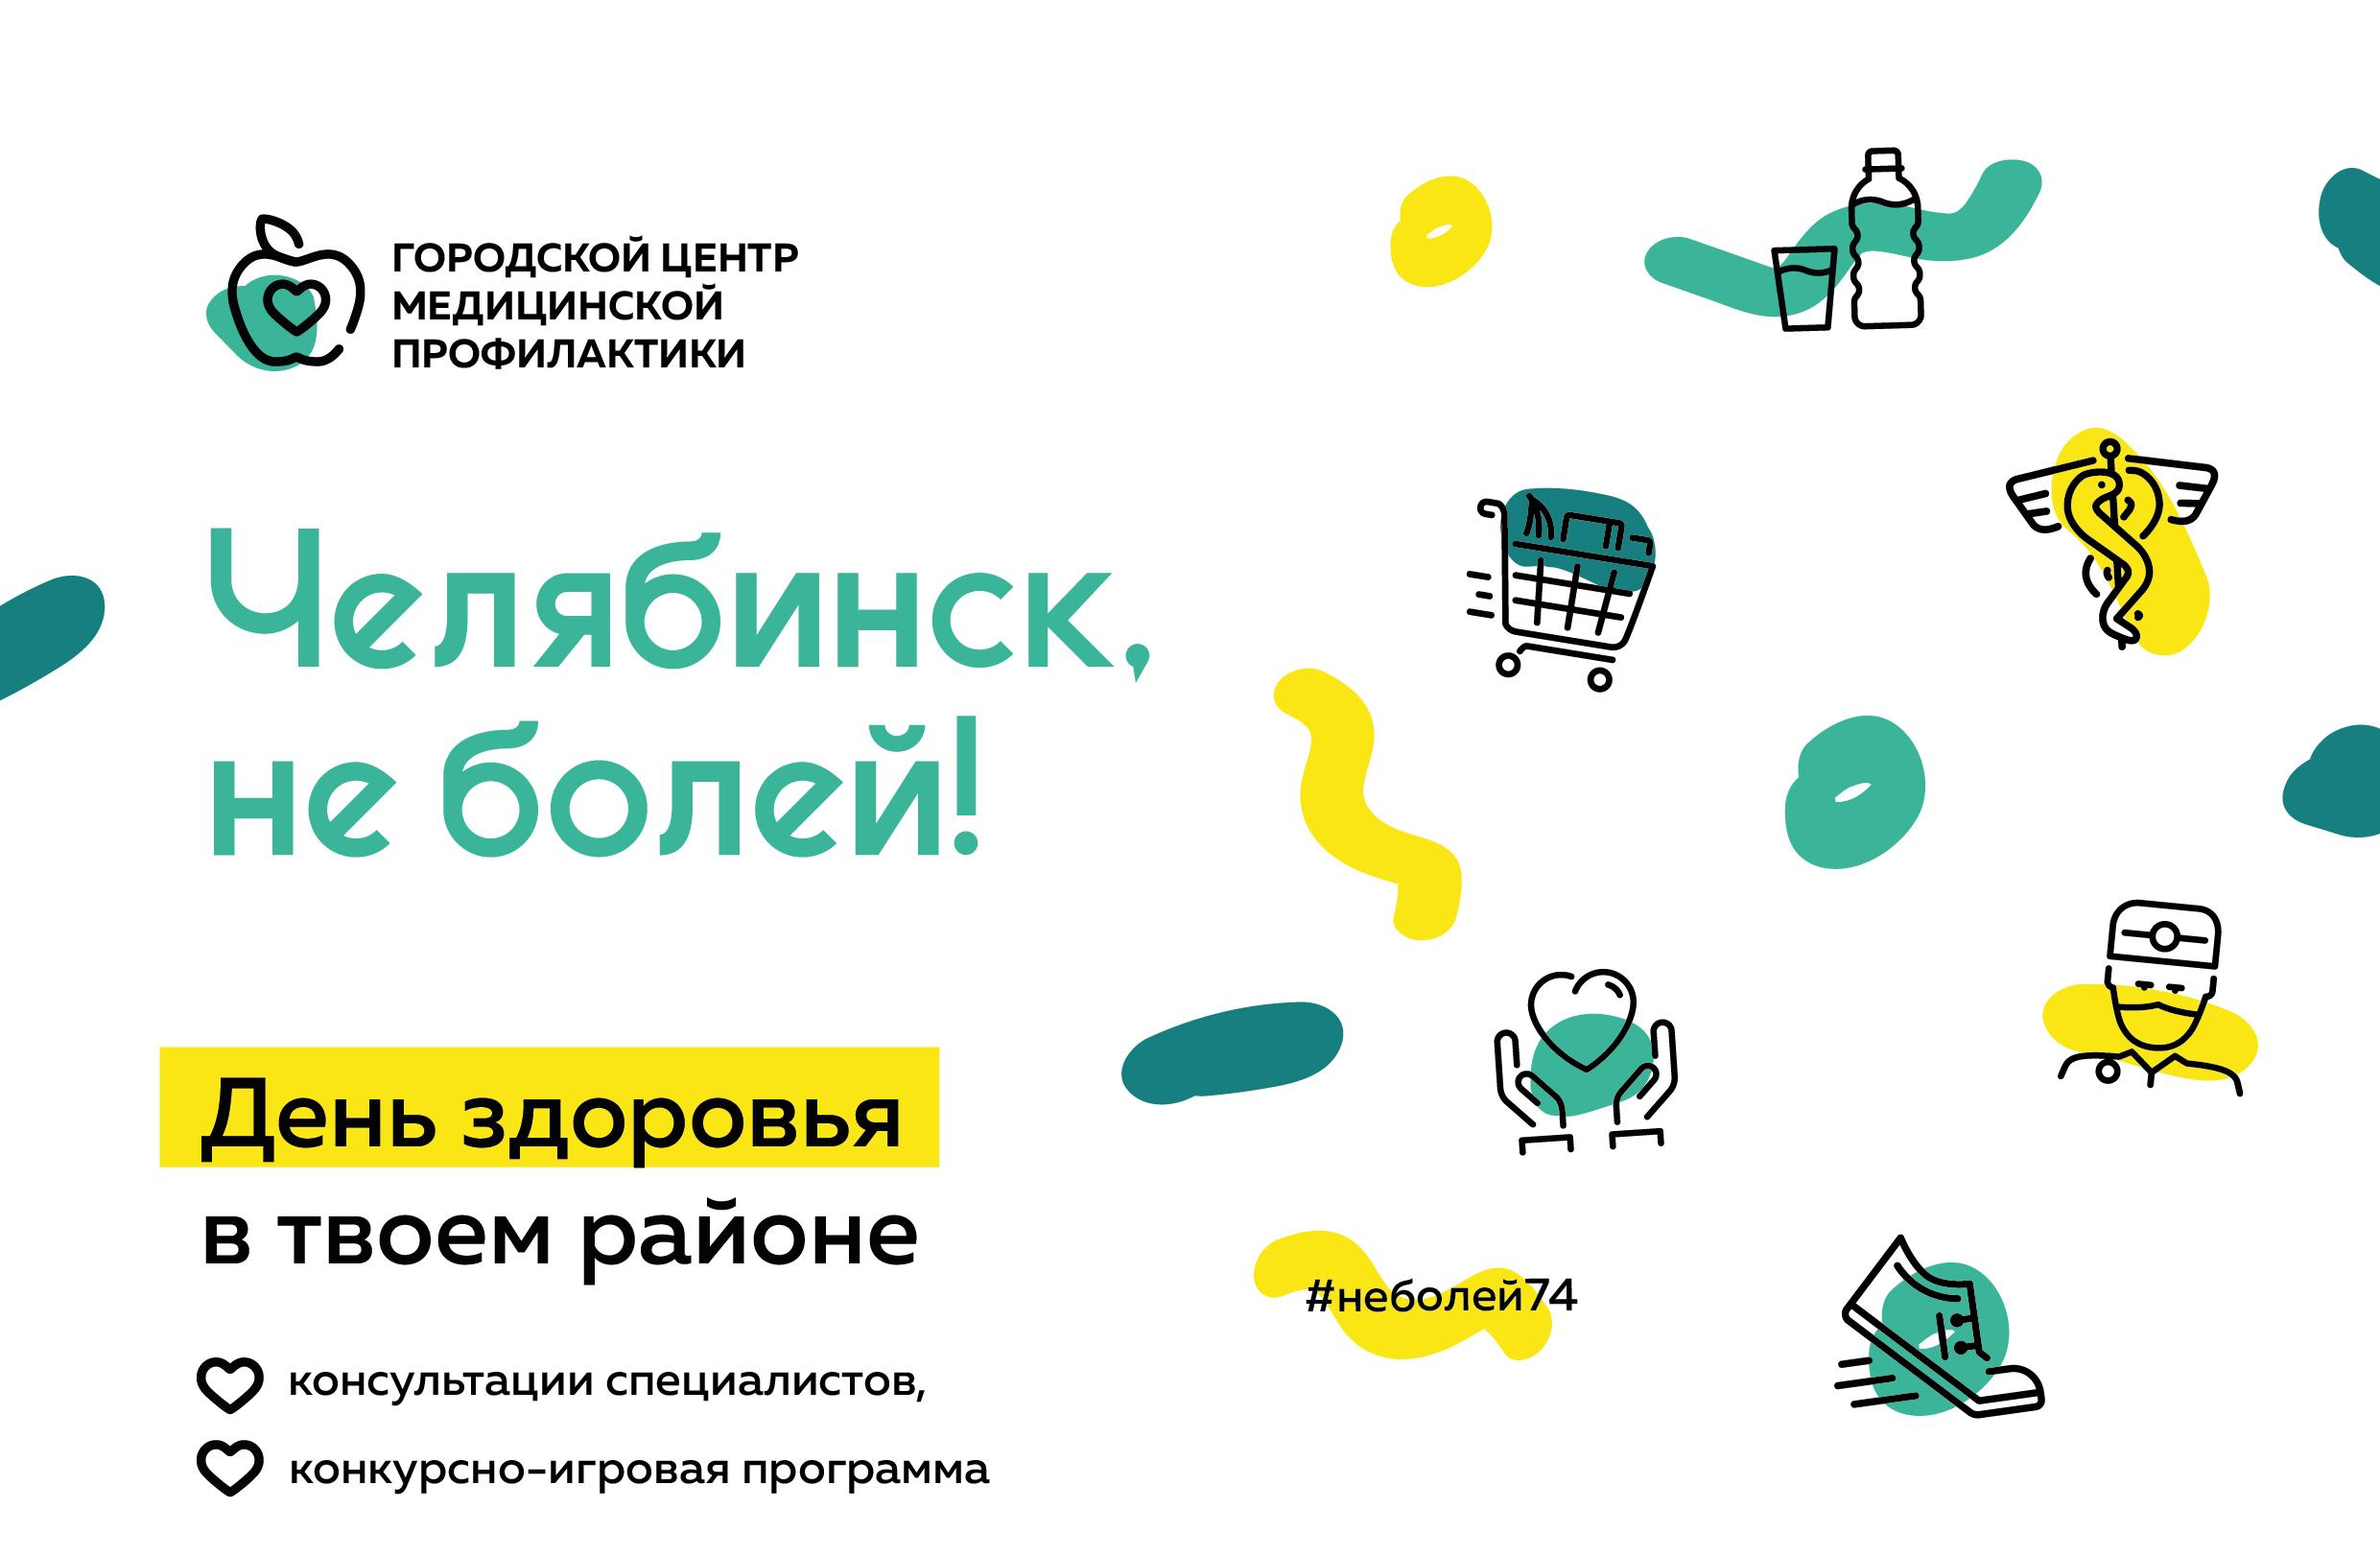 Жители Челябинска смогут проверить свое здоровье